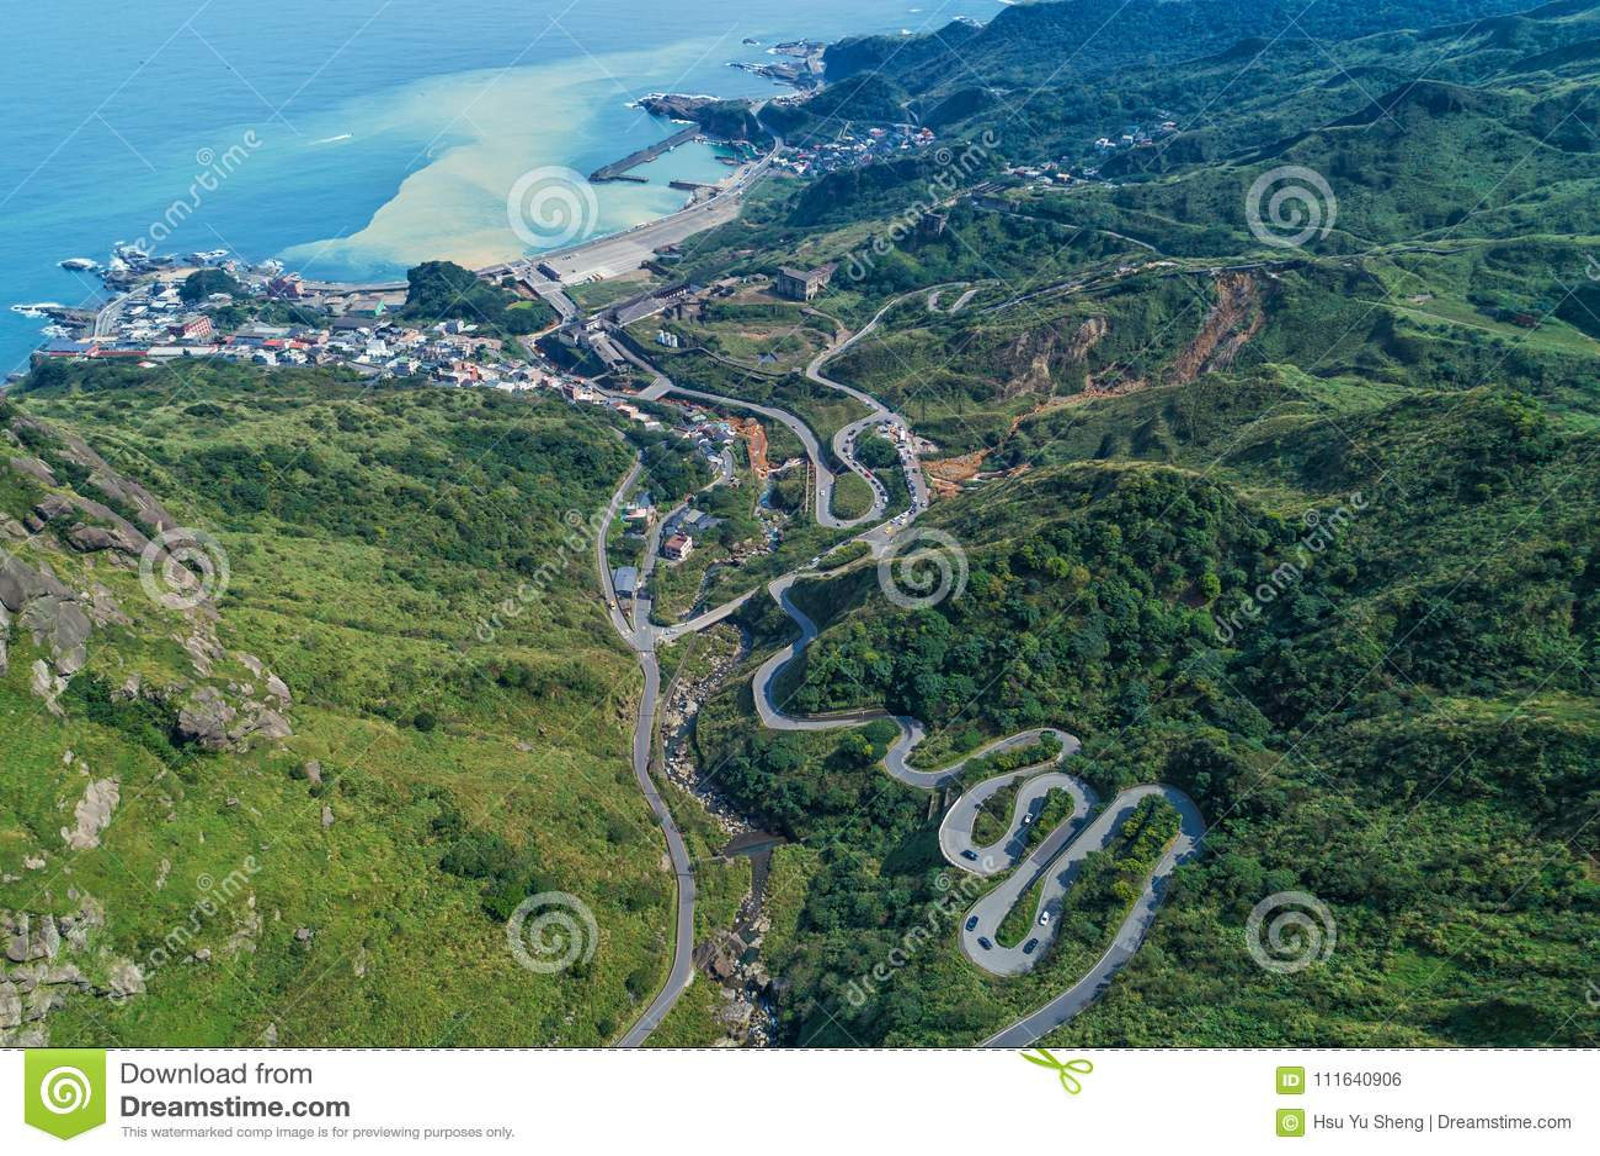 Jinguashi mit Yinyang-Seevogelperspektive - berühmte Reiseziele von Taiwan, panoramische bird's mustern Ansicht